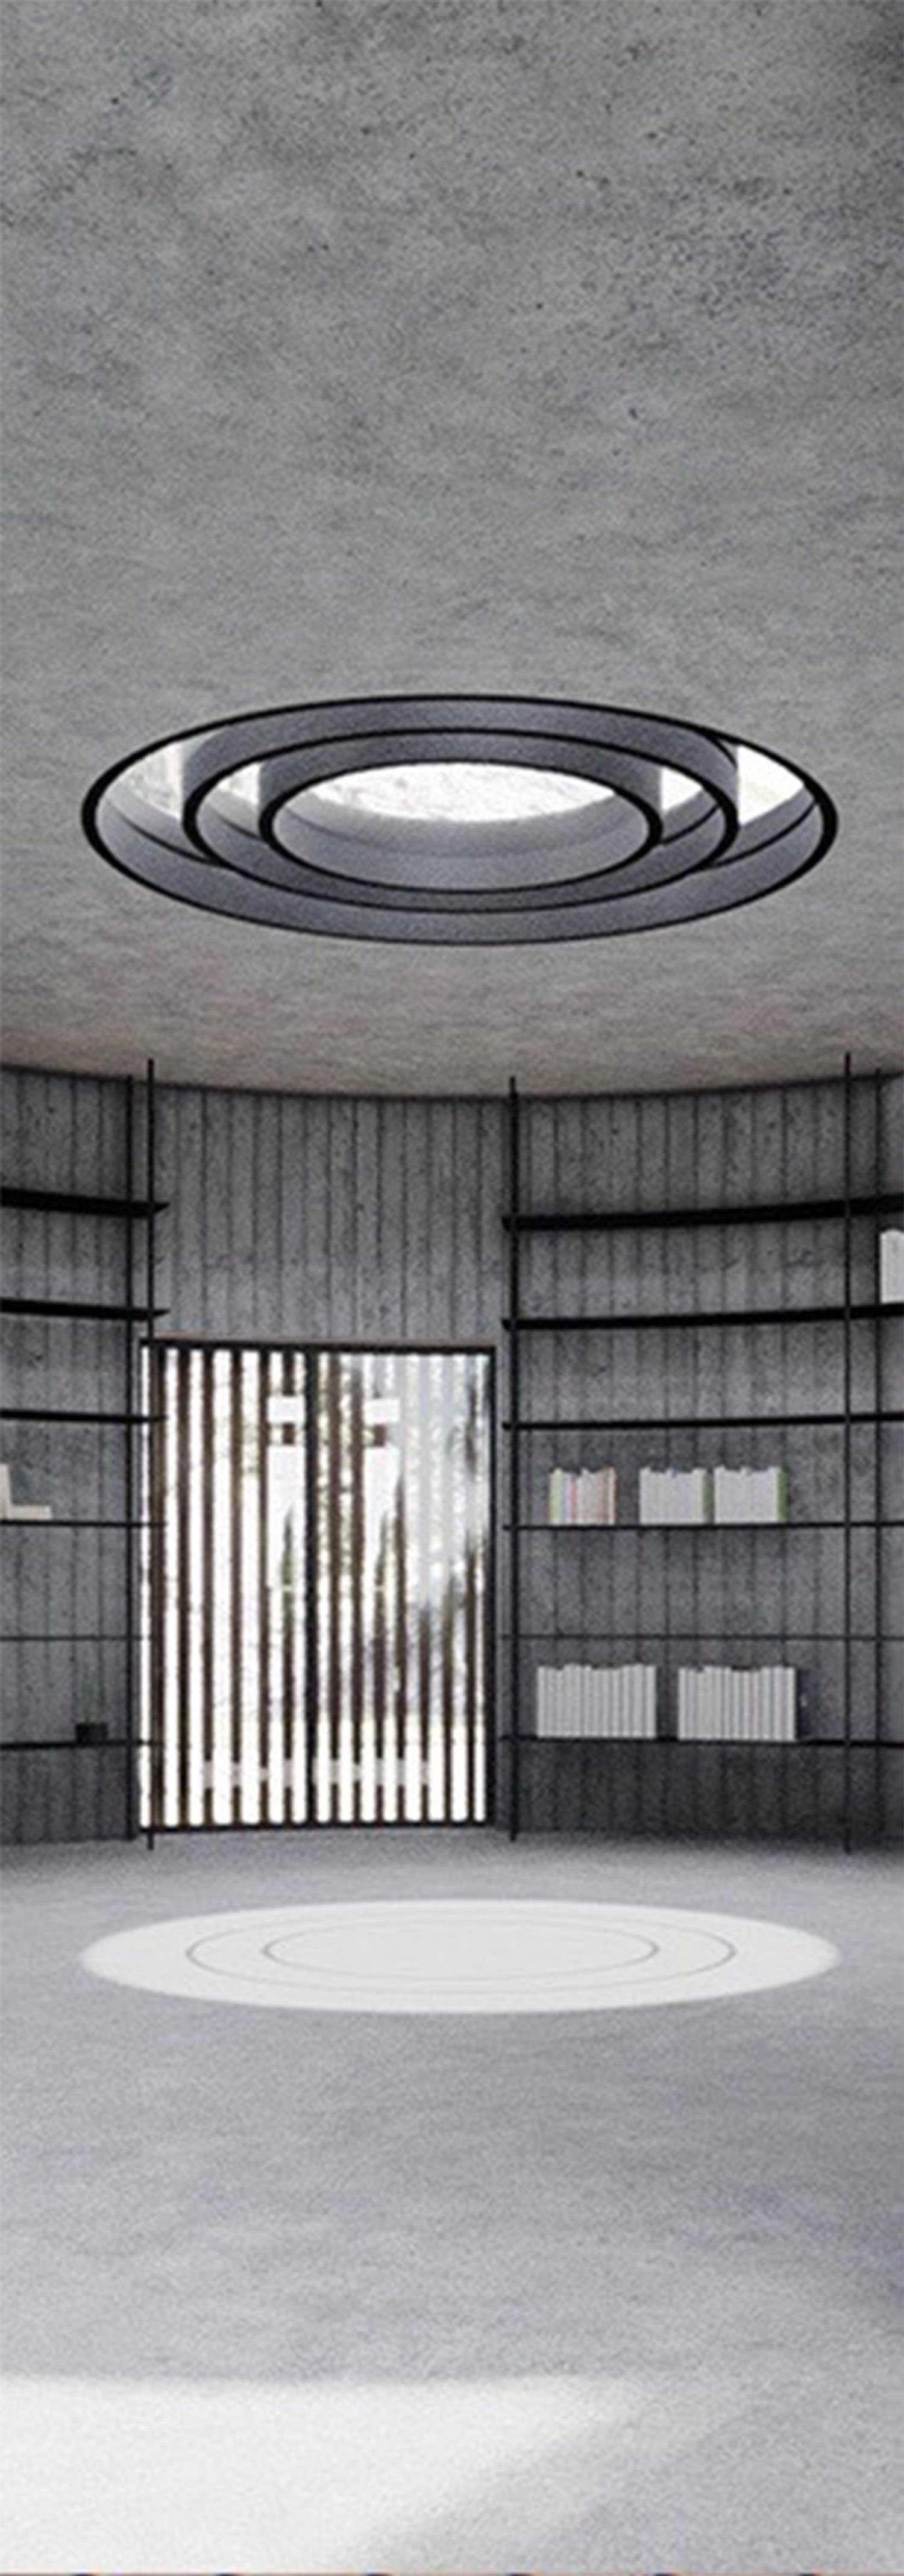 PARTICOLARE AREA CIRCOLARE MODUSLAB ARCHITECTURE INTERIOR DESIGN}